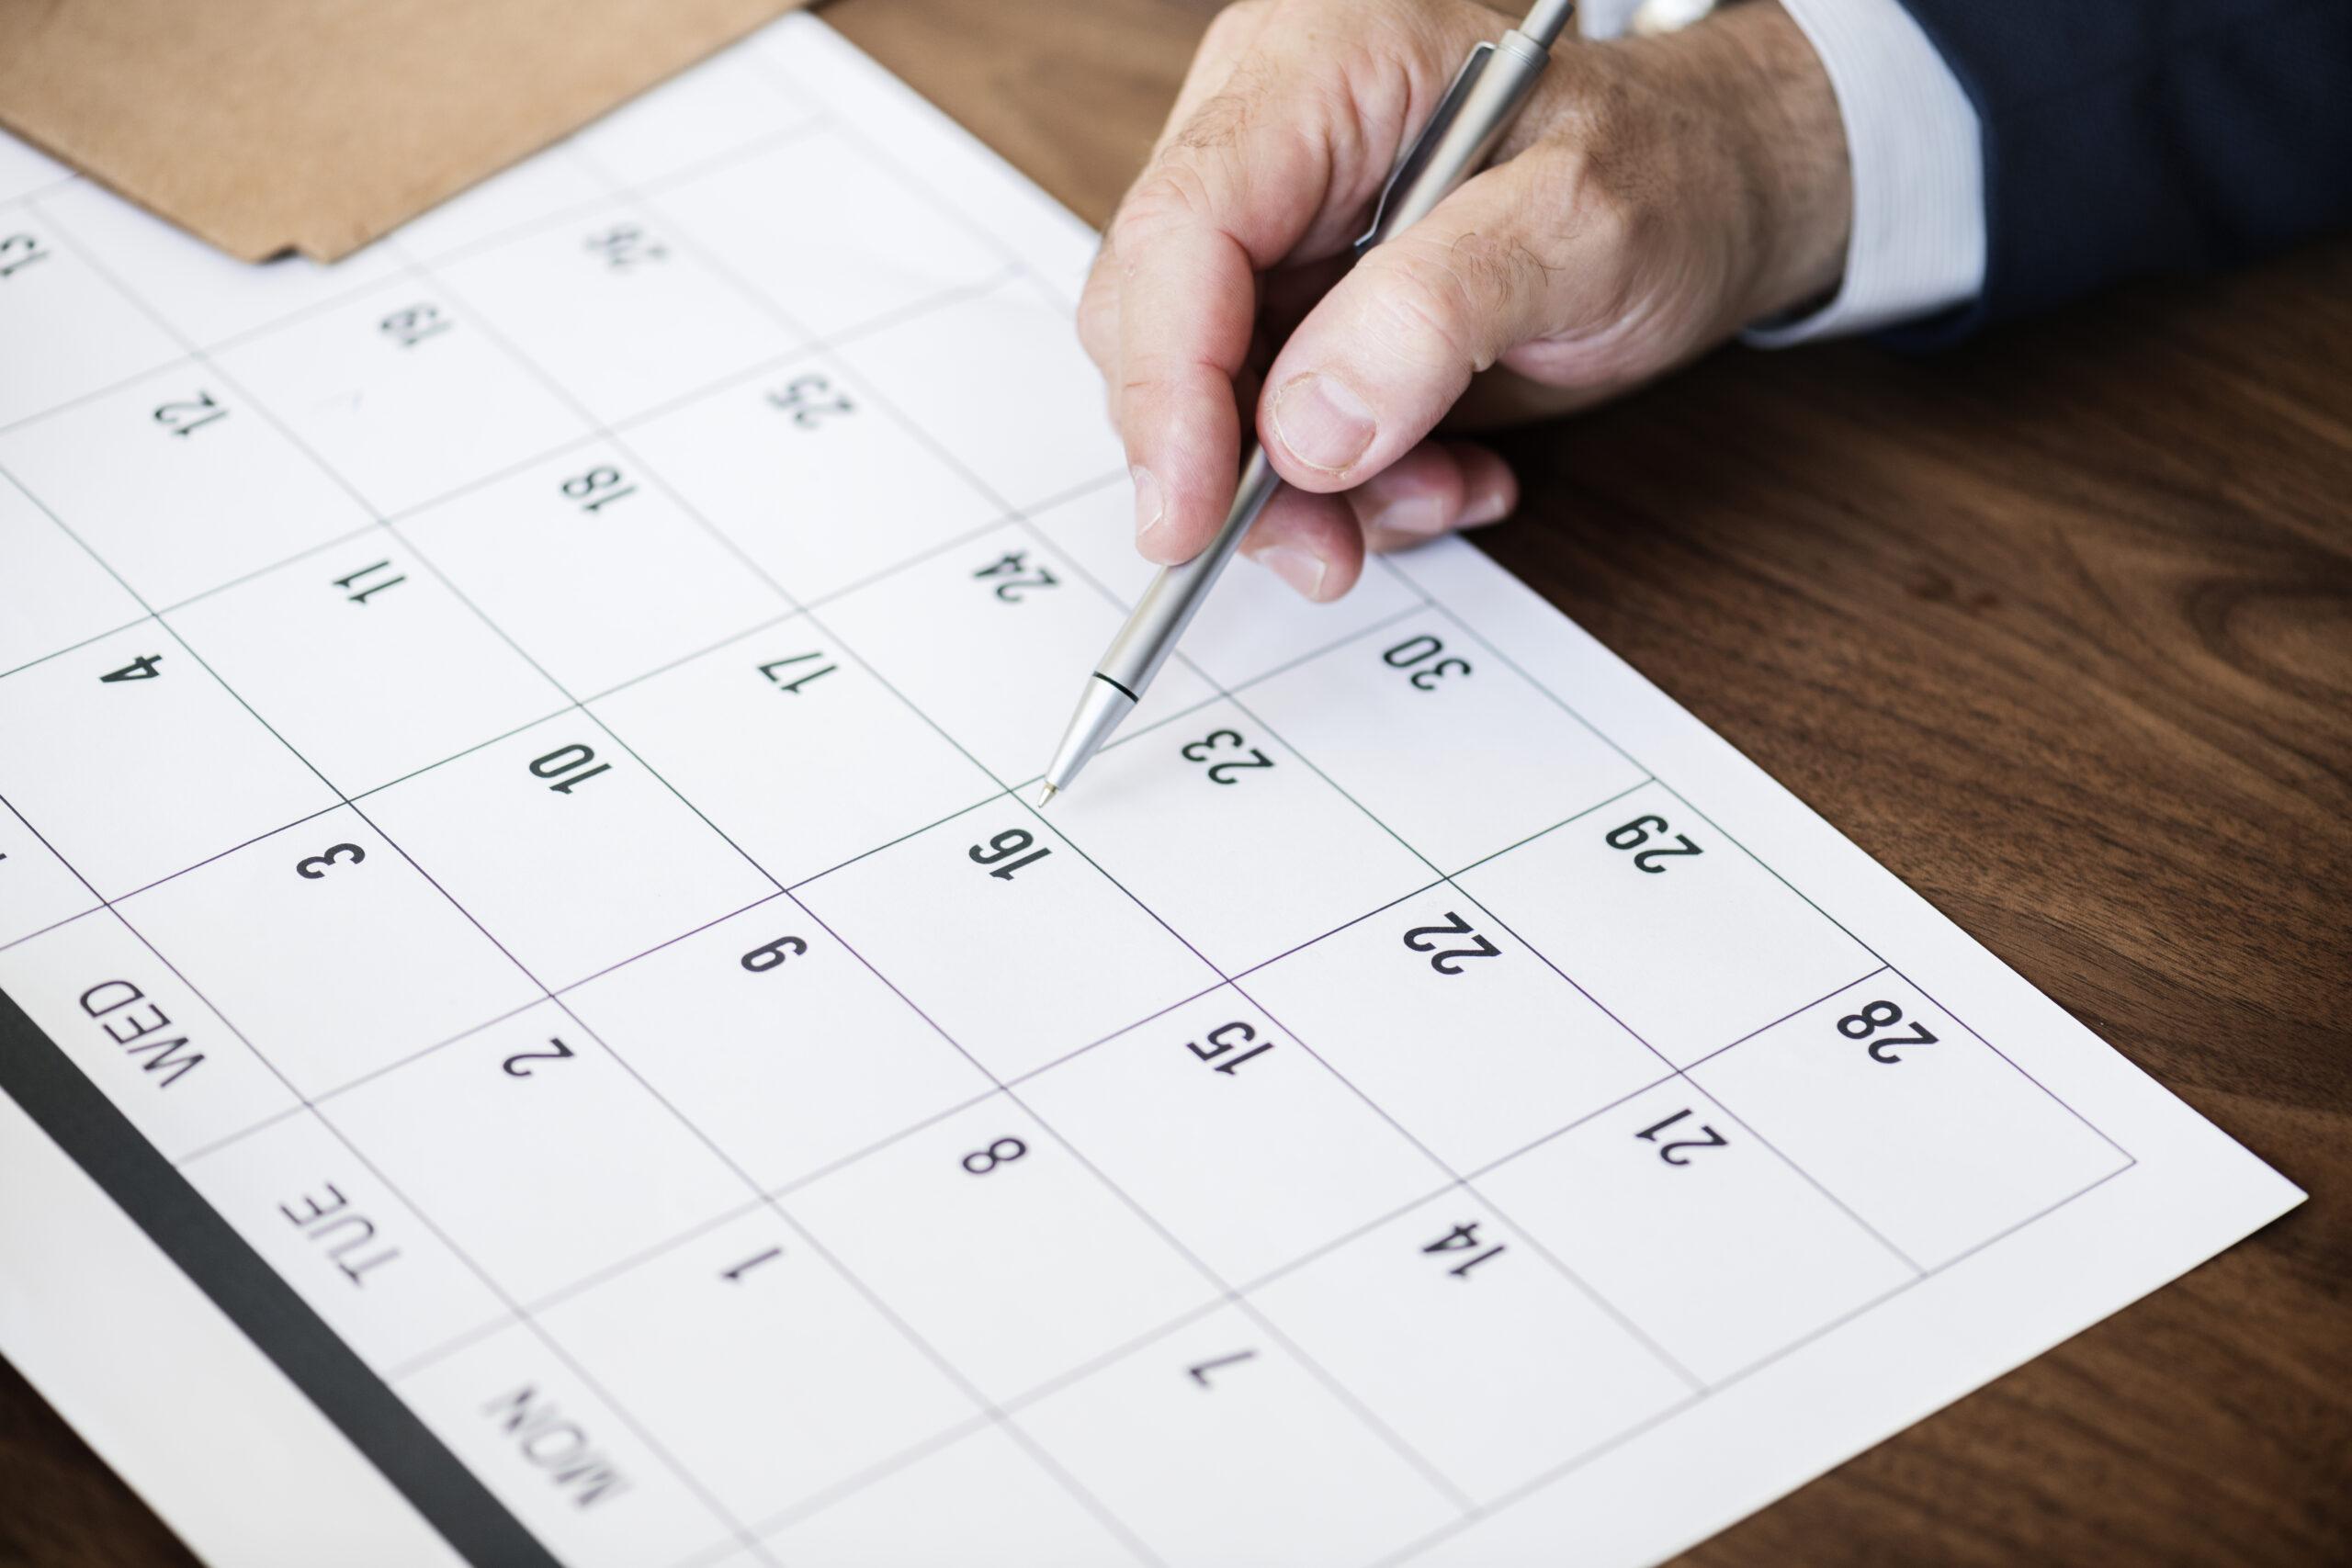 Kartka zkalendarza iręka mężczyzny zdługopisem